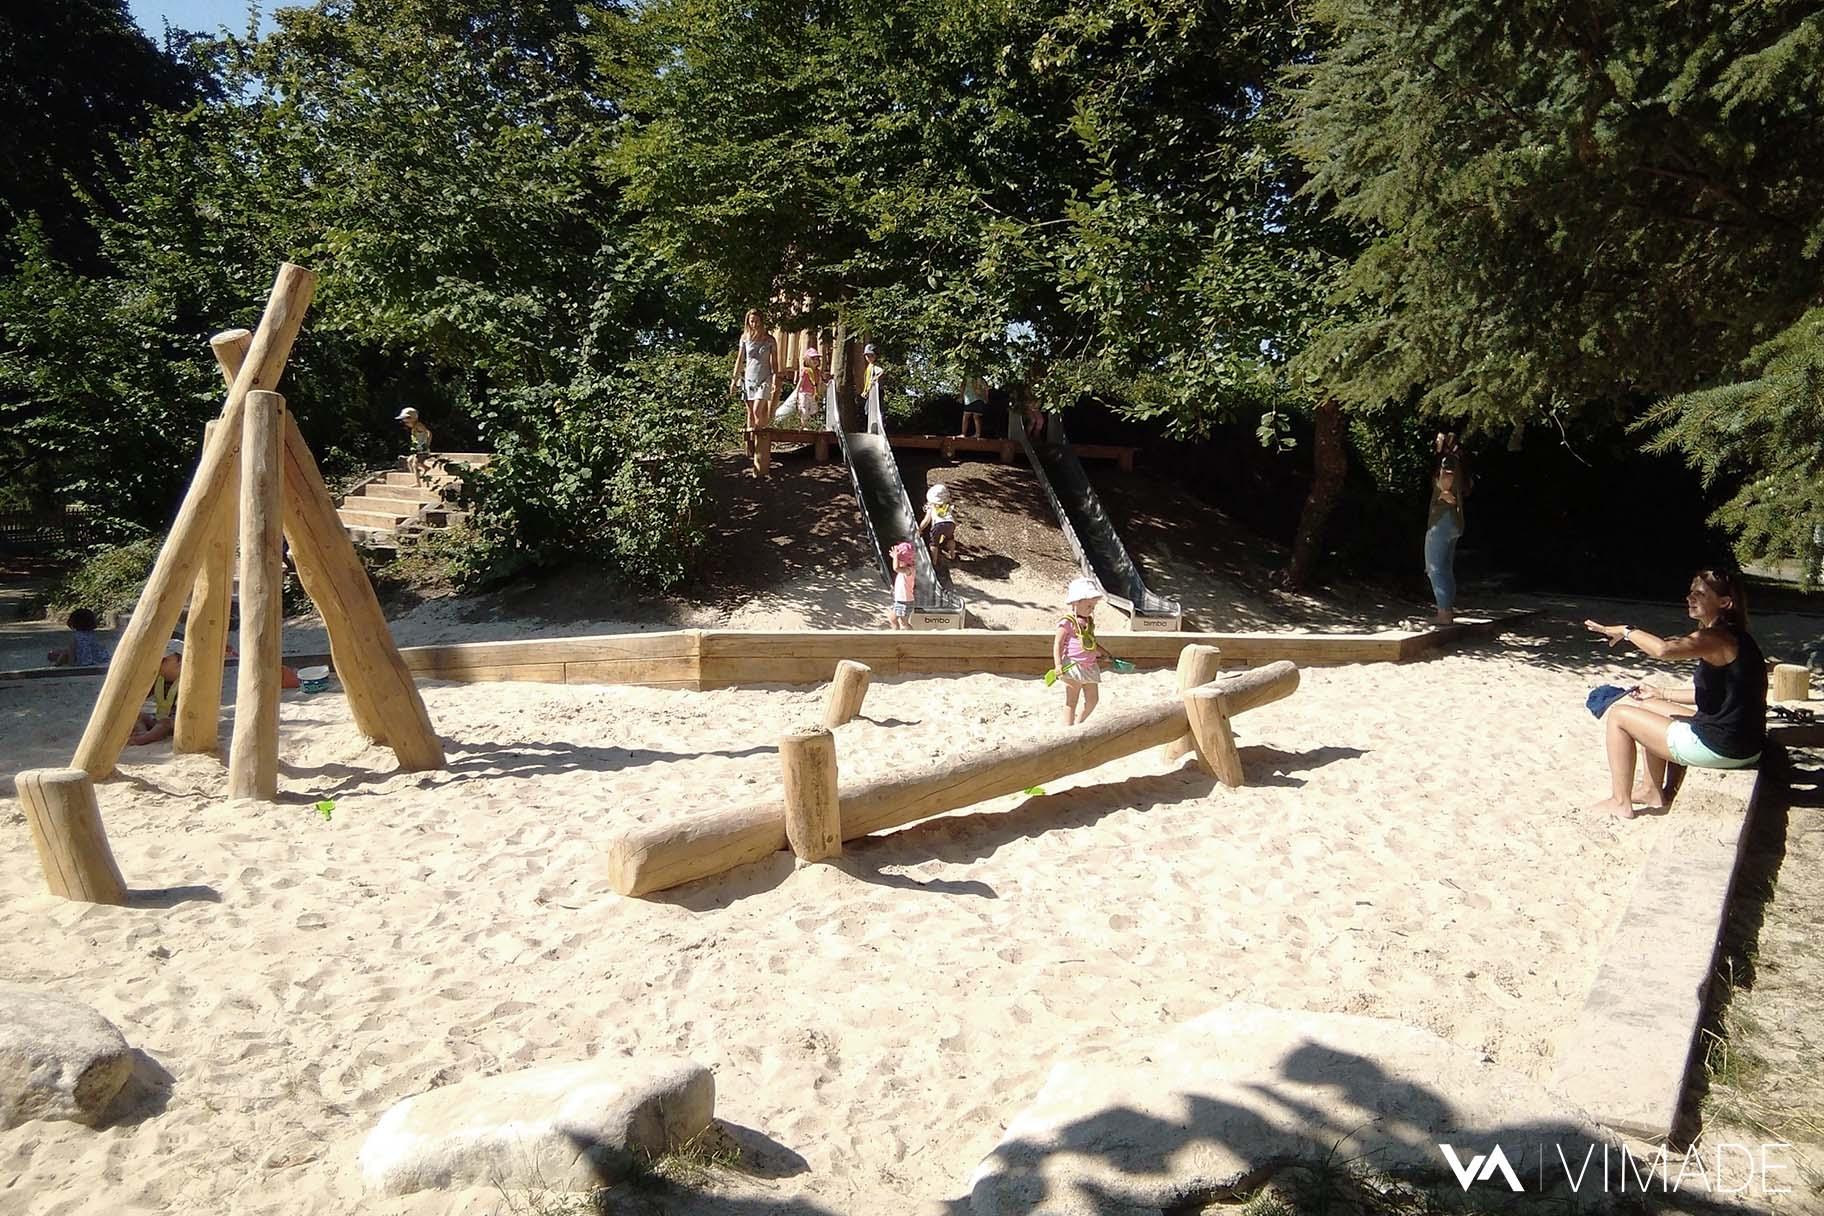 Inauguration de la place de jeux et du bac à sable du parc des Franchises con4u par le bureau VIMADE Architectes paysagistes à Genève